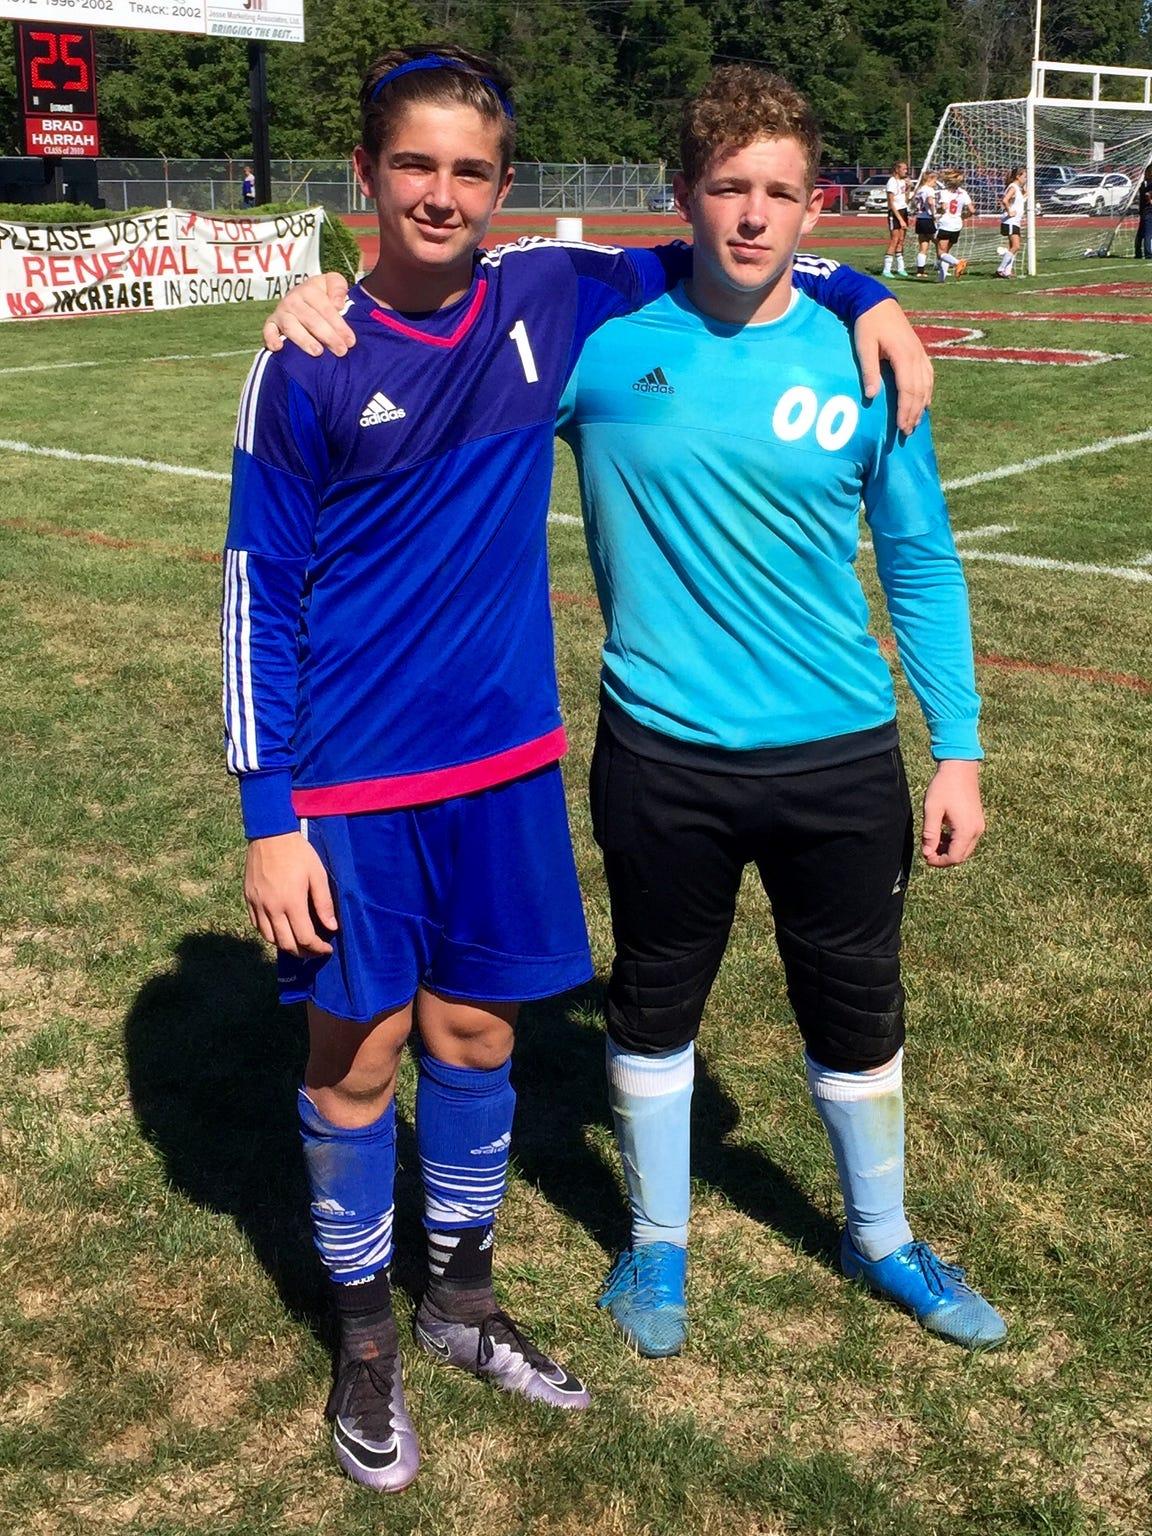 Pleasant's Evan Roark, left, and River Valley's Carter